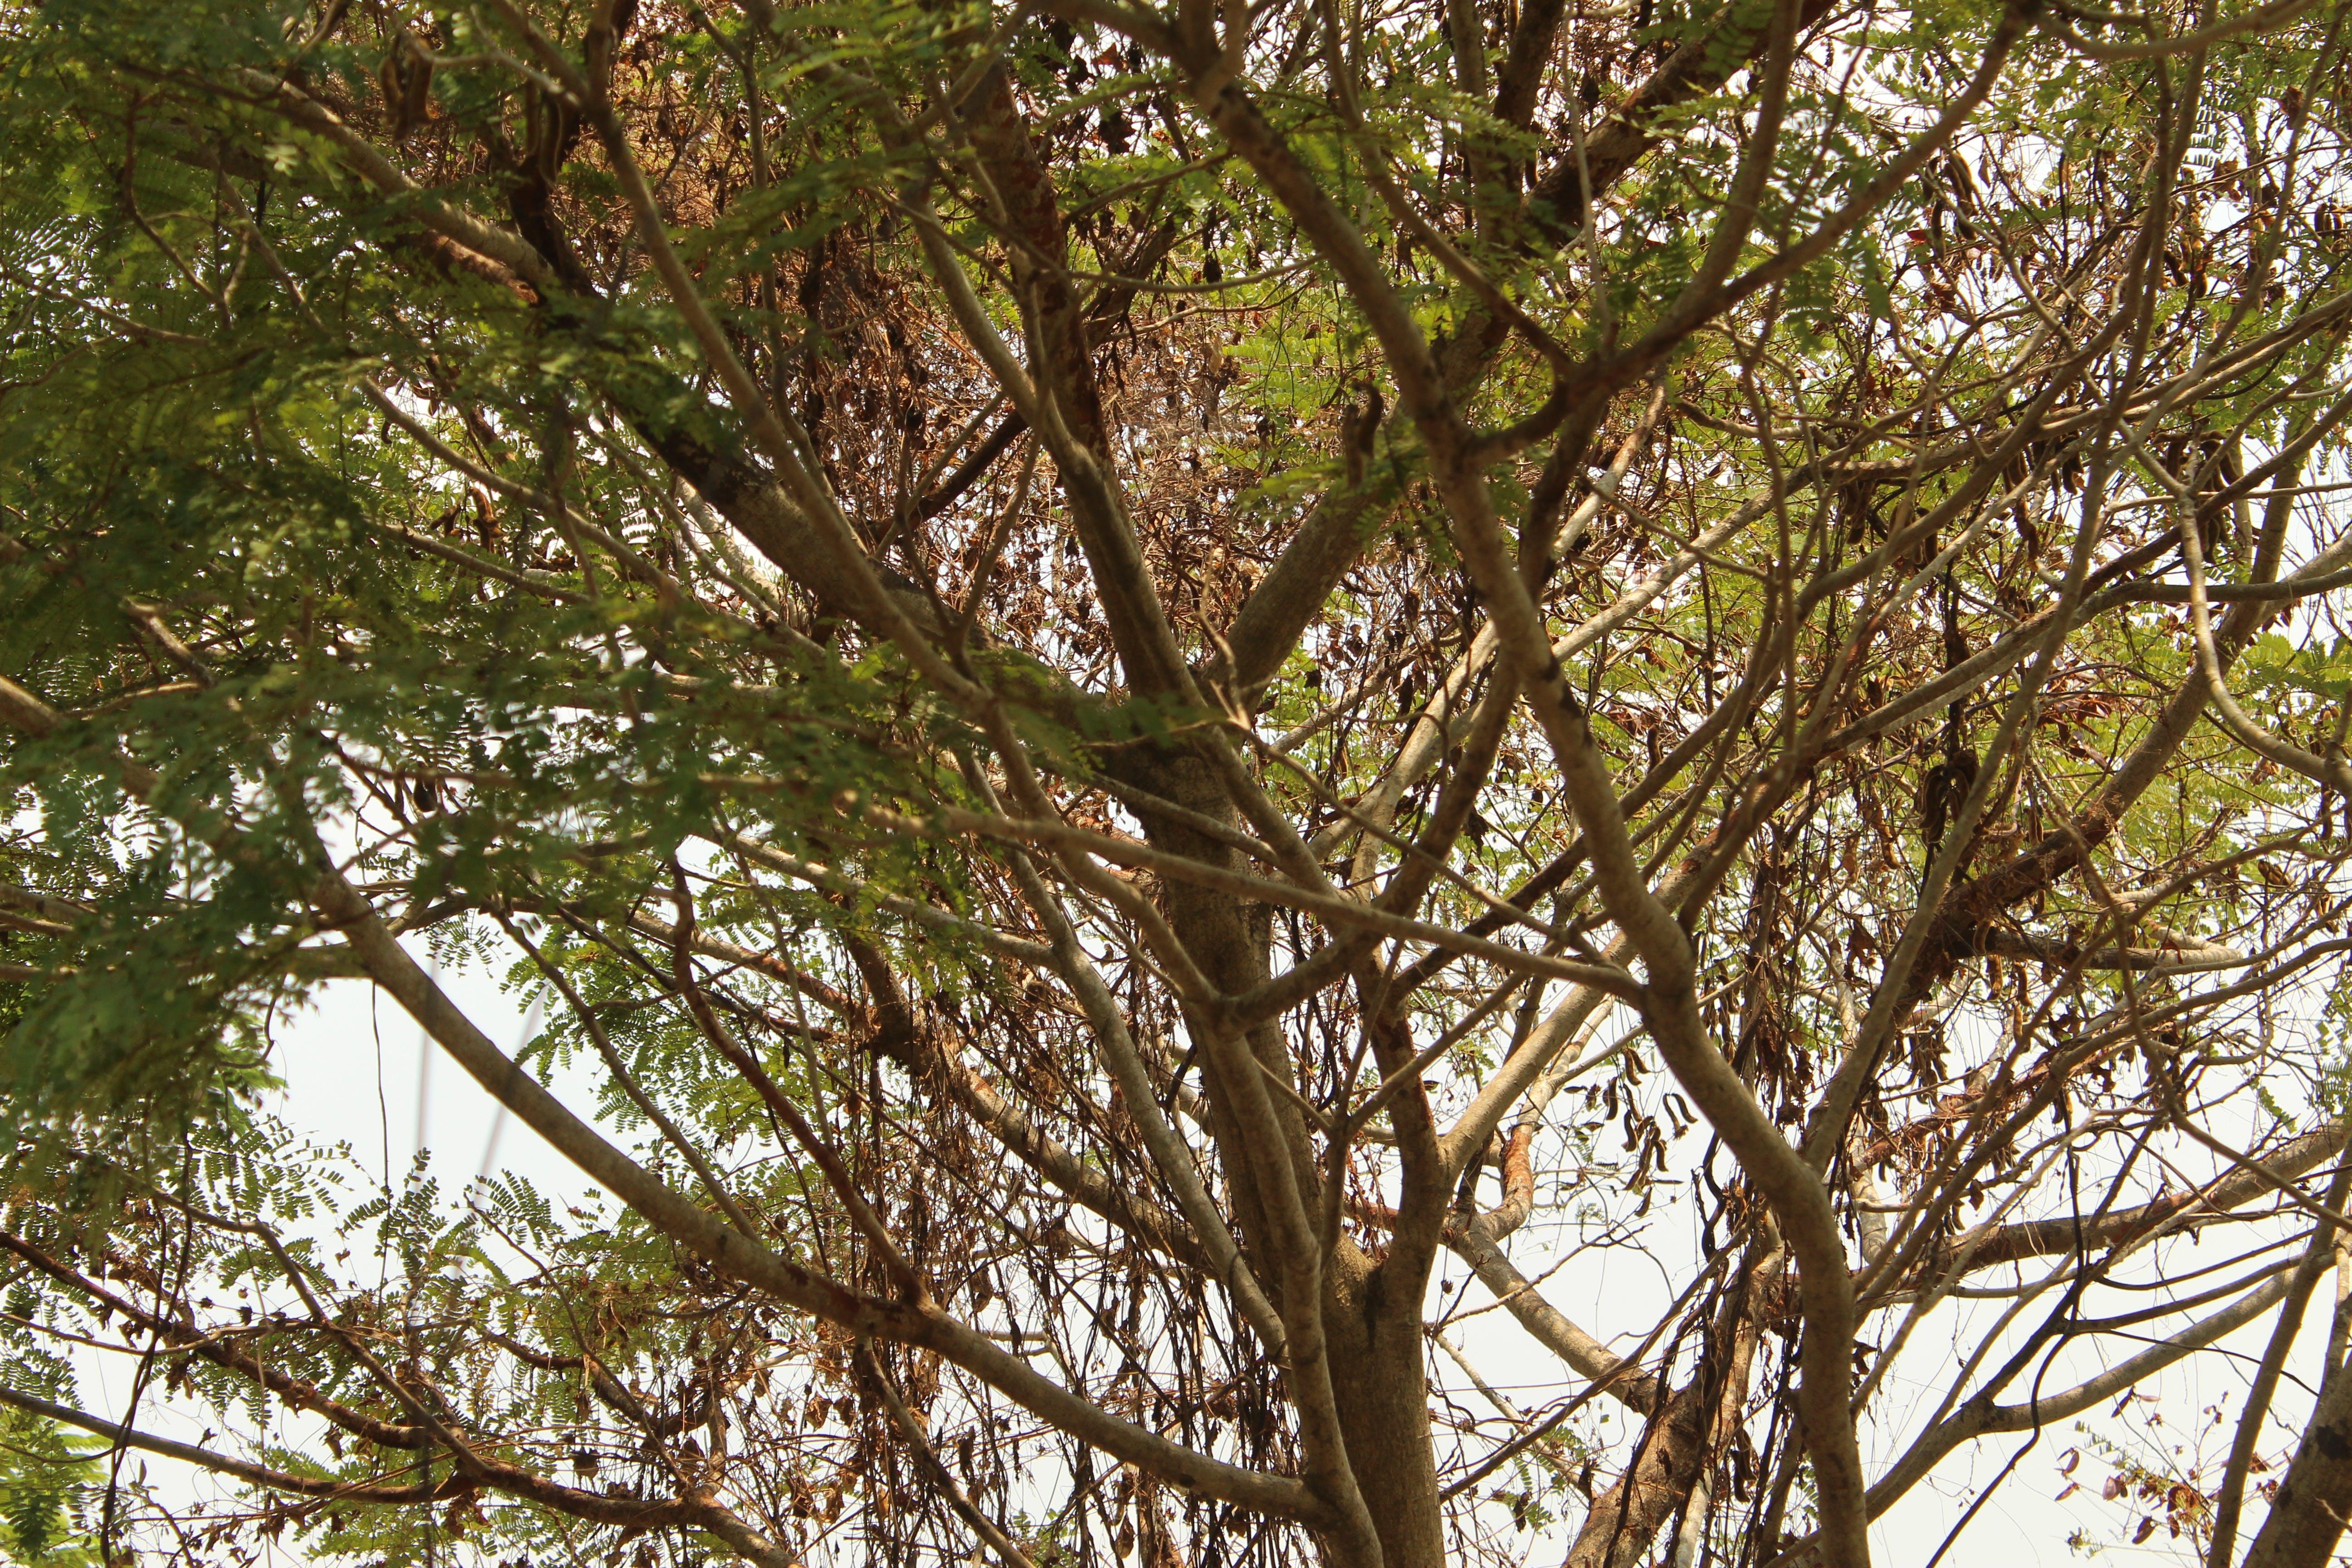 Základová fotografie zdarma na téma les, padlý strom, strom detailní pohled, stromy